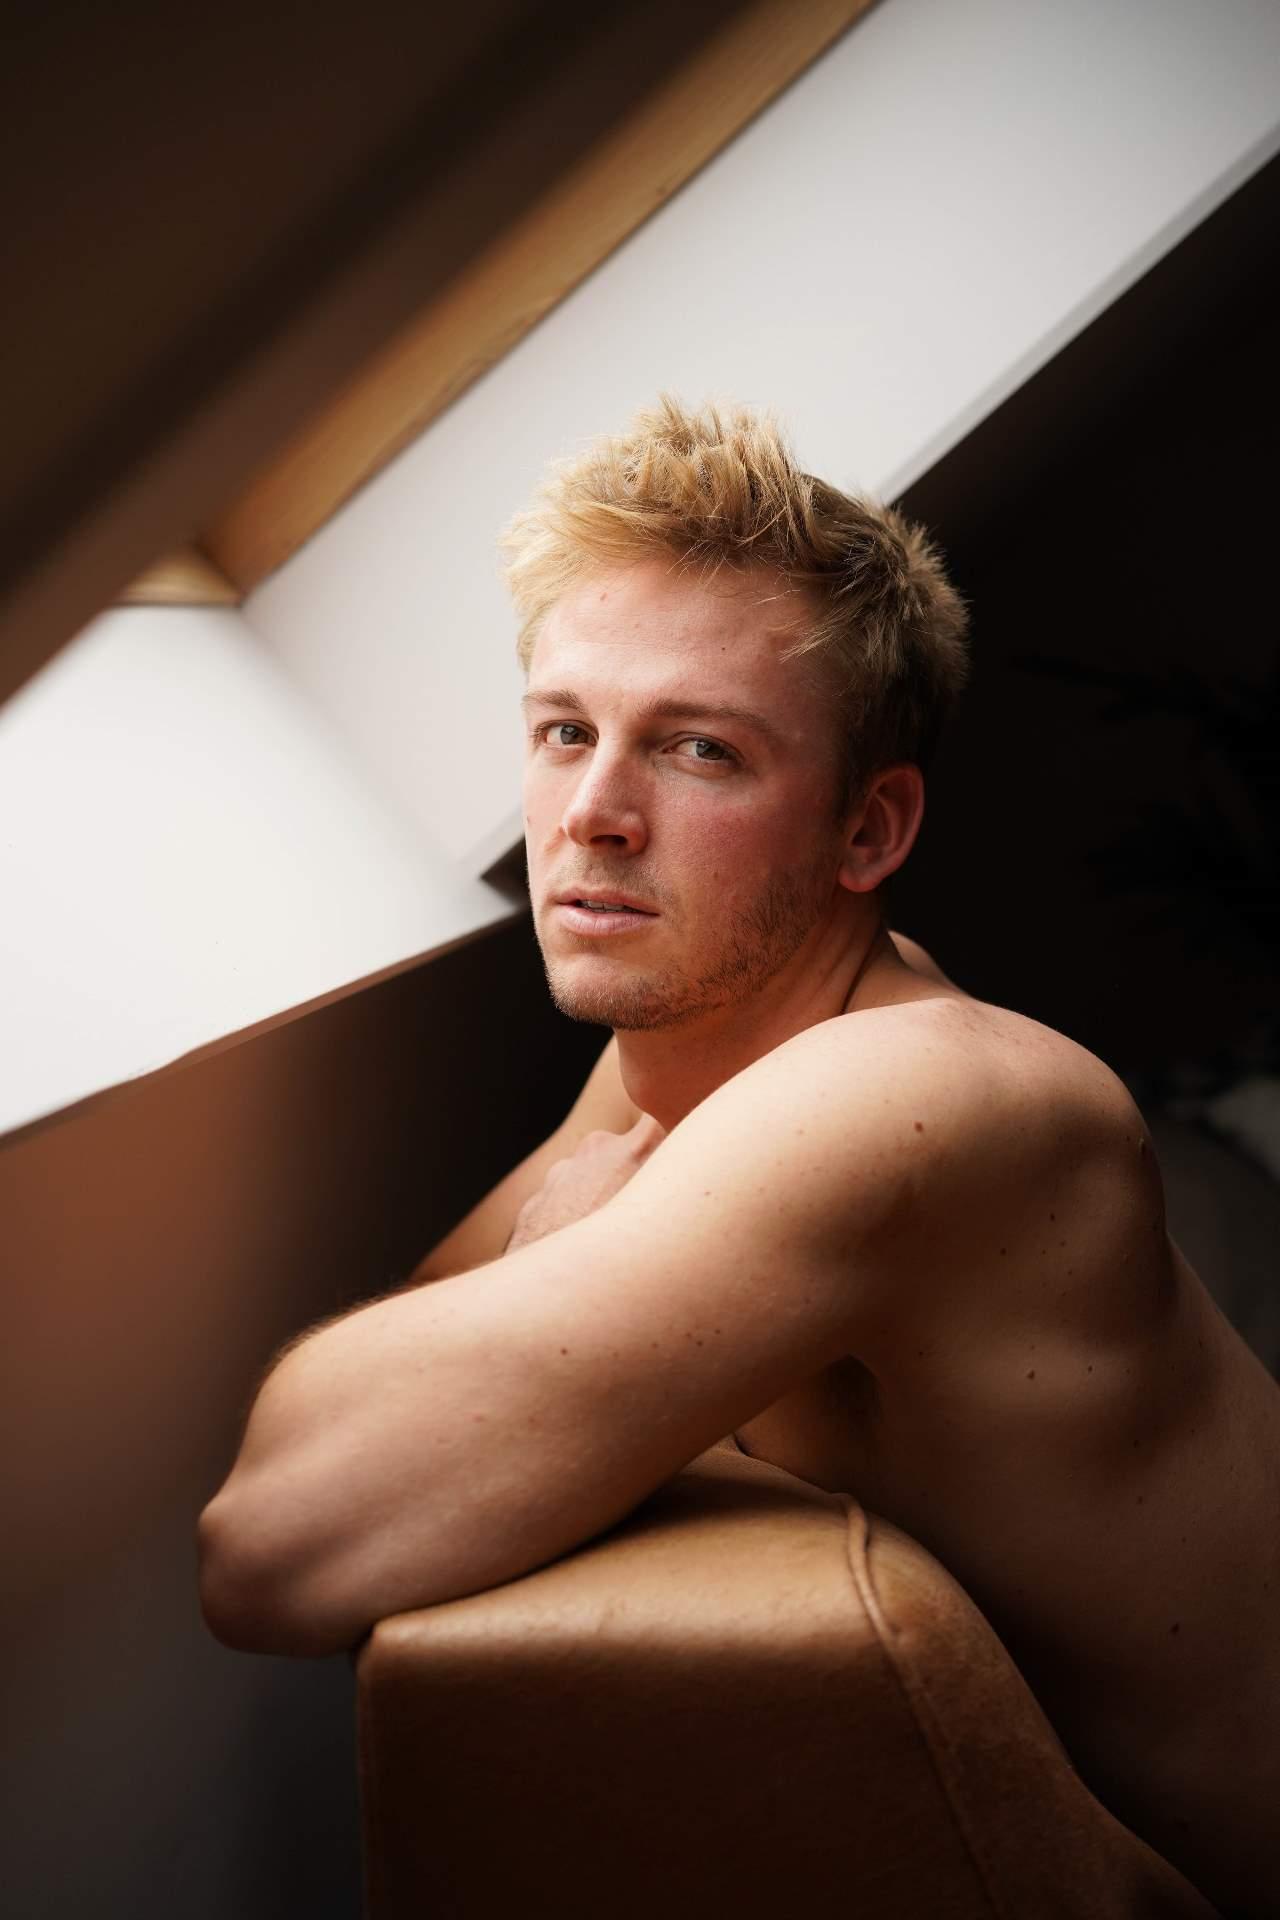 Gregory from Belgium